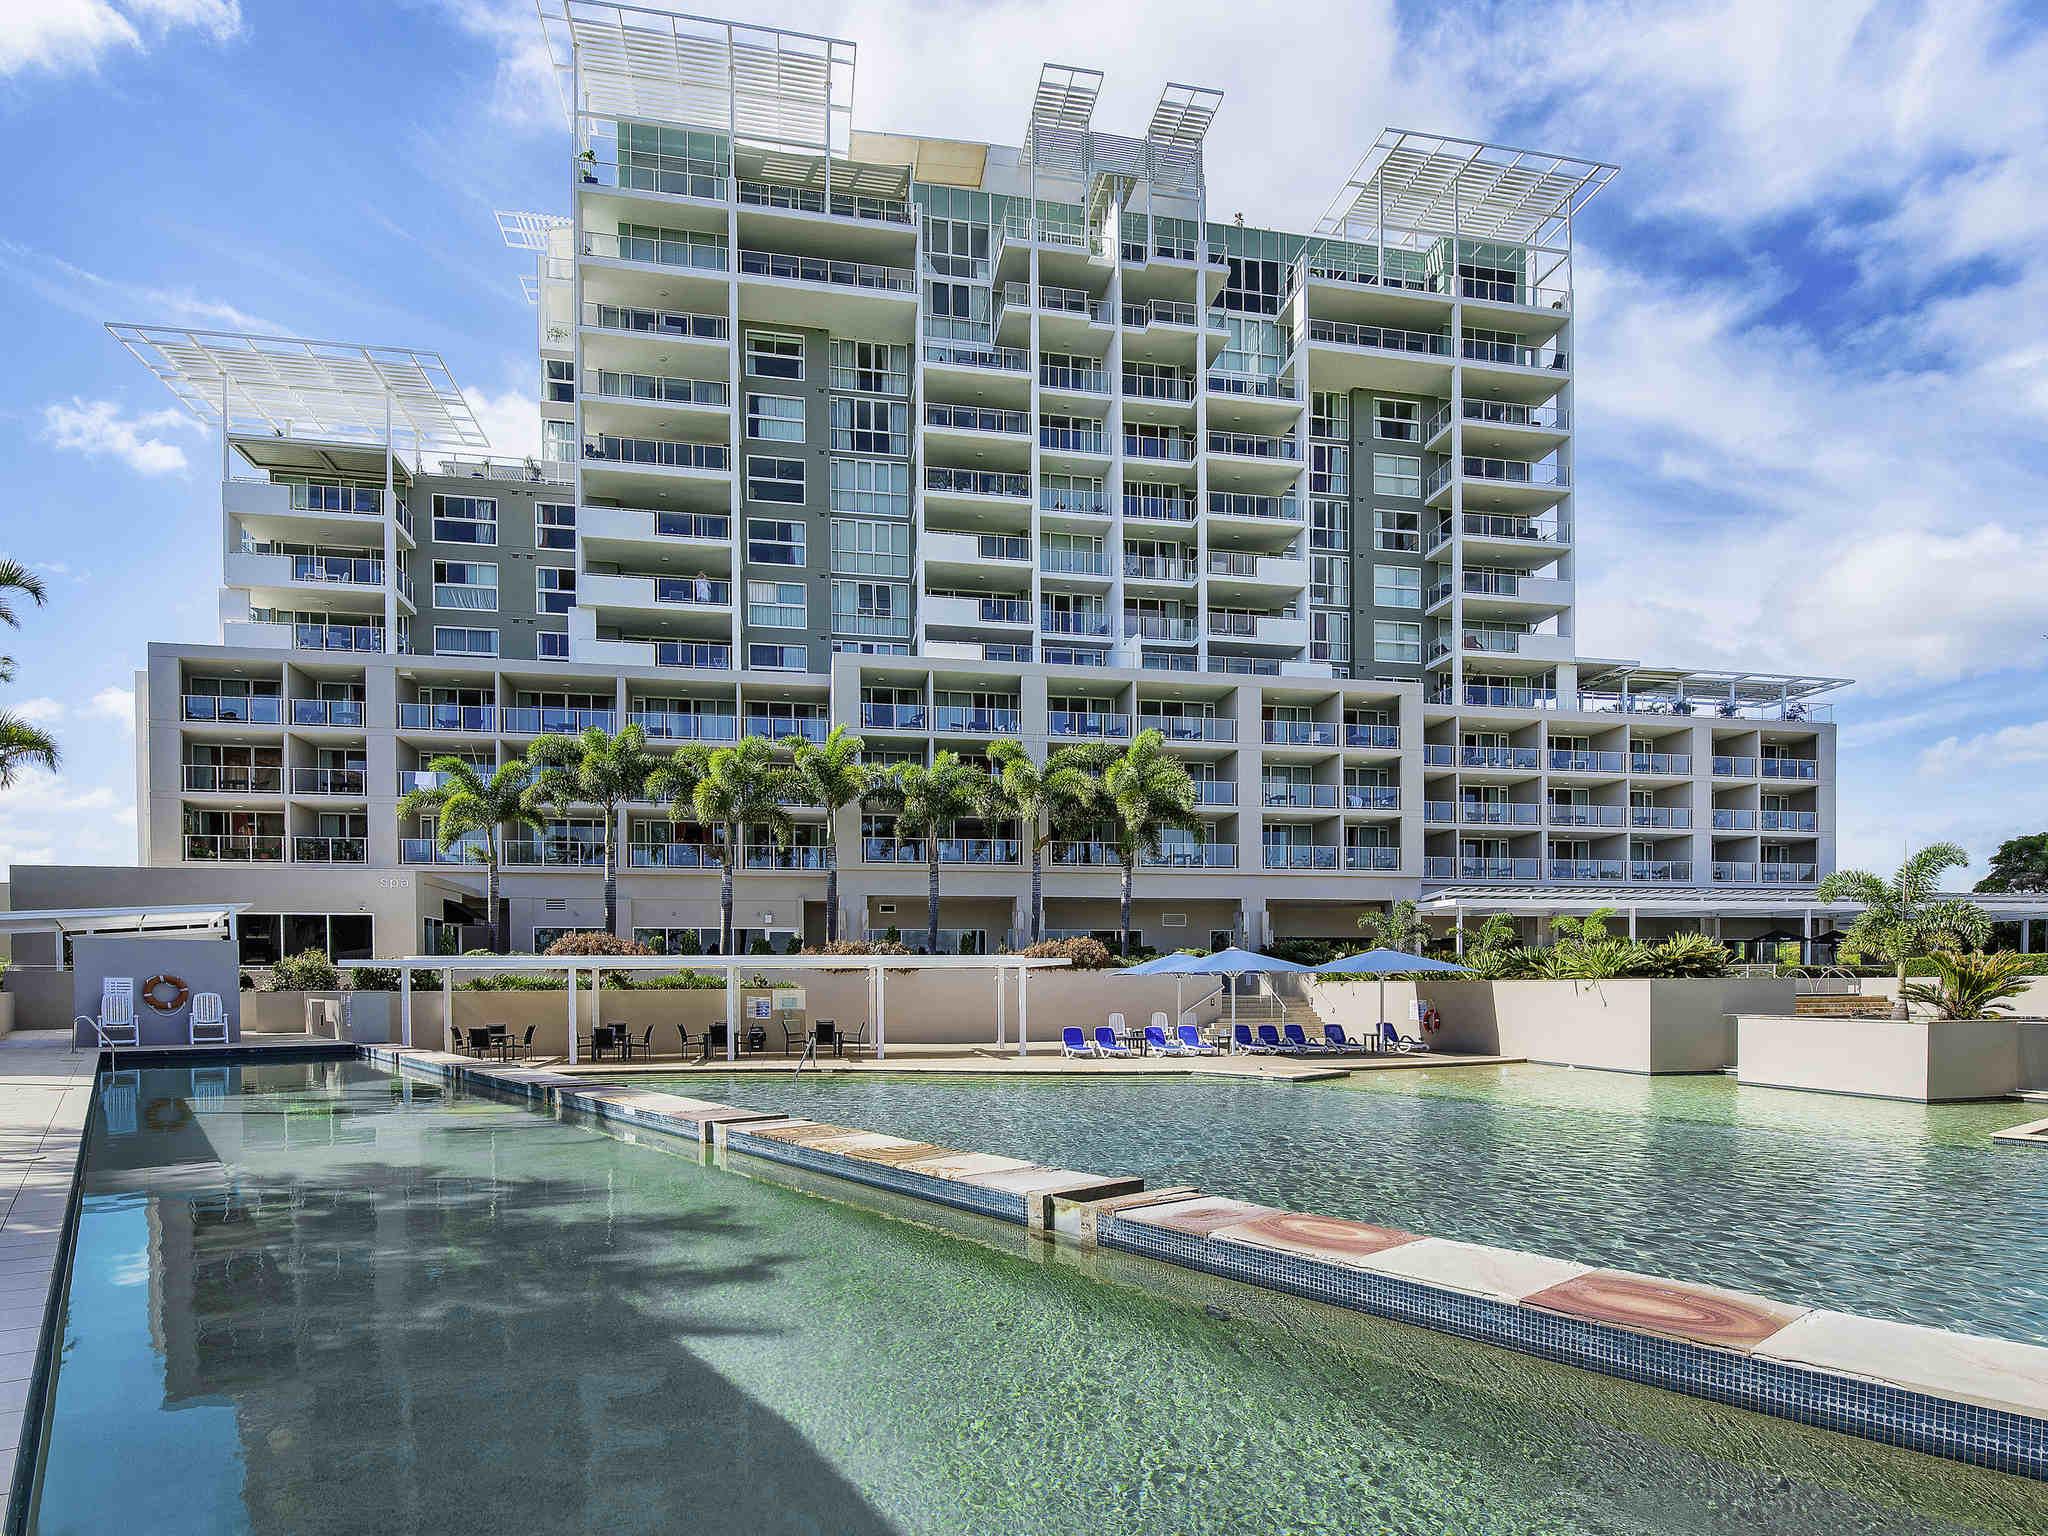 酒店 – The Sebel Pelican Waters Resort